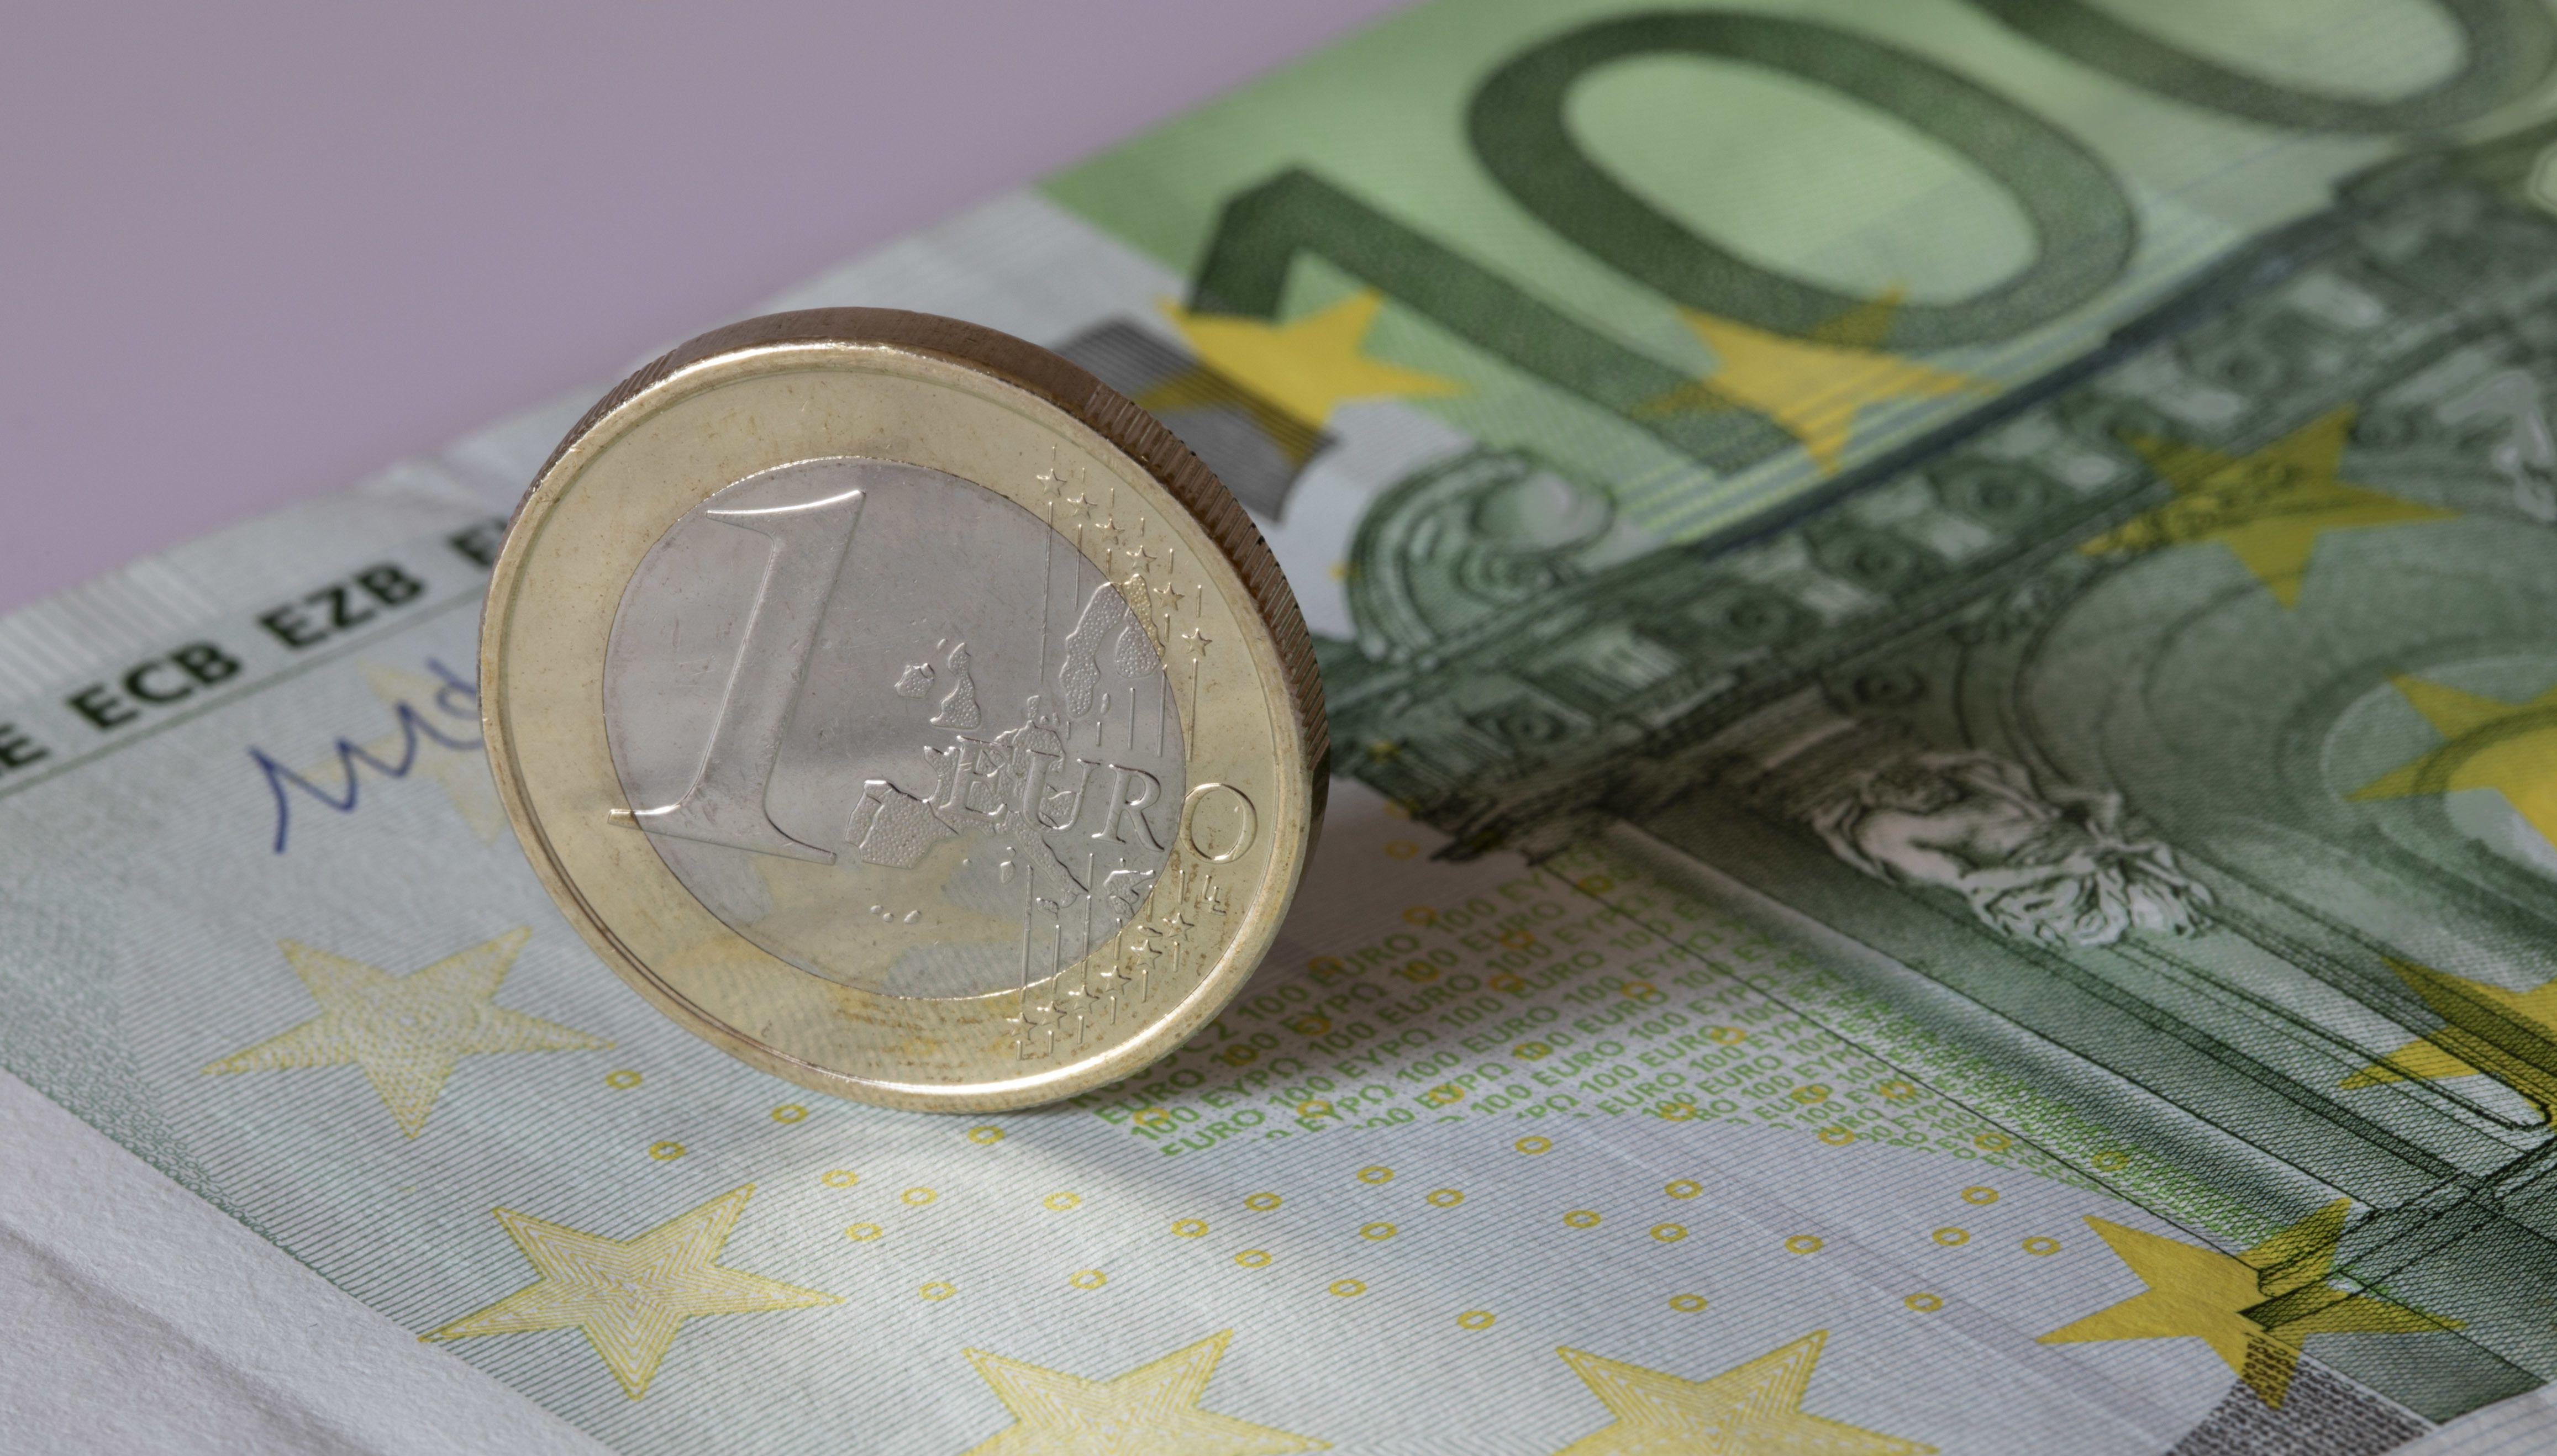 Euro-Geldschein- und Münze (Symbolbild)